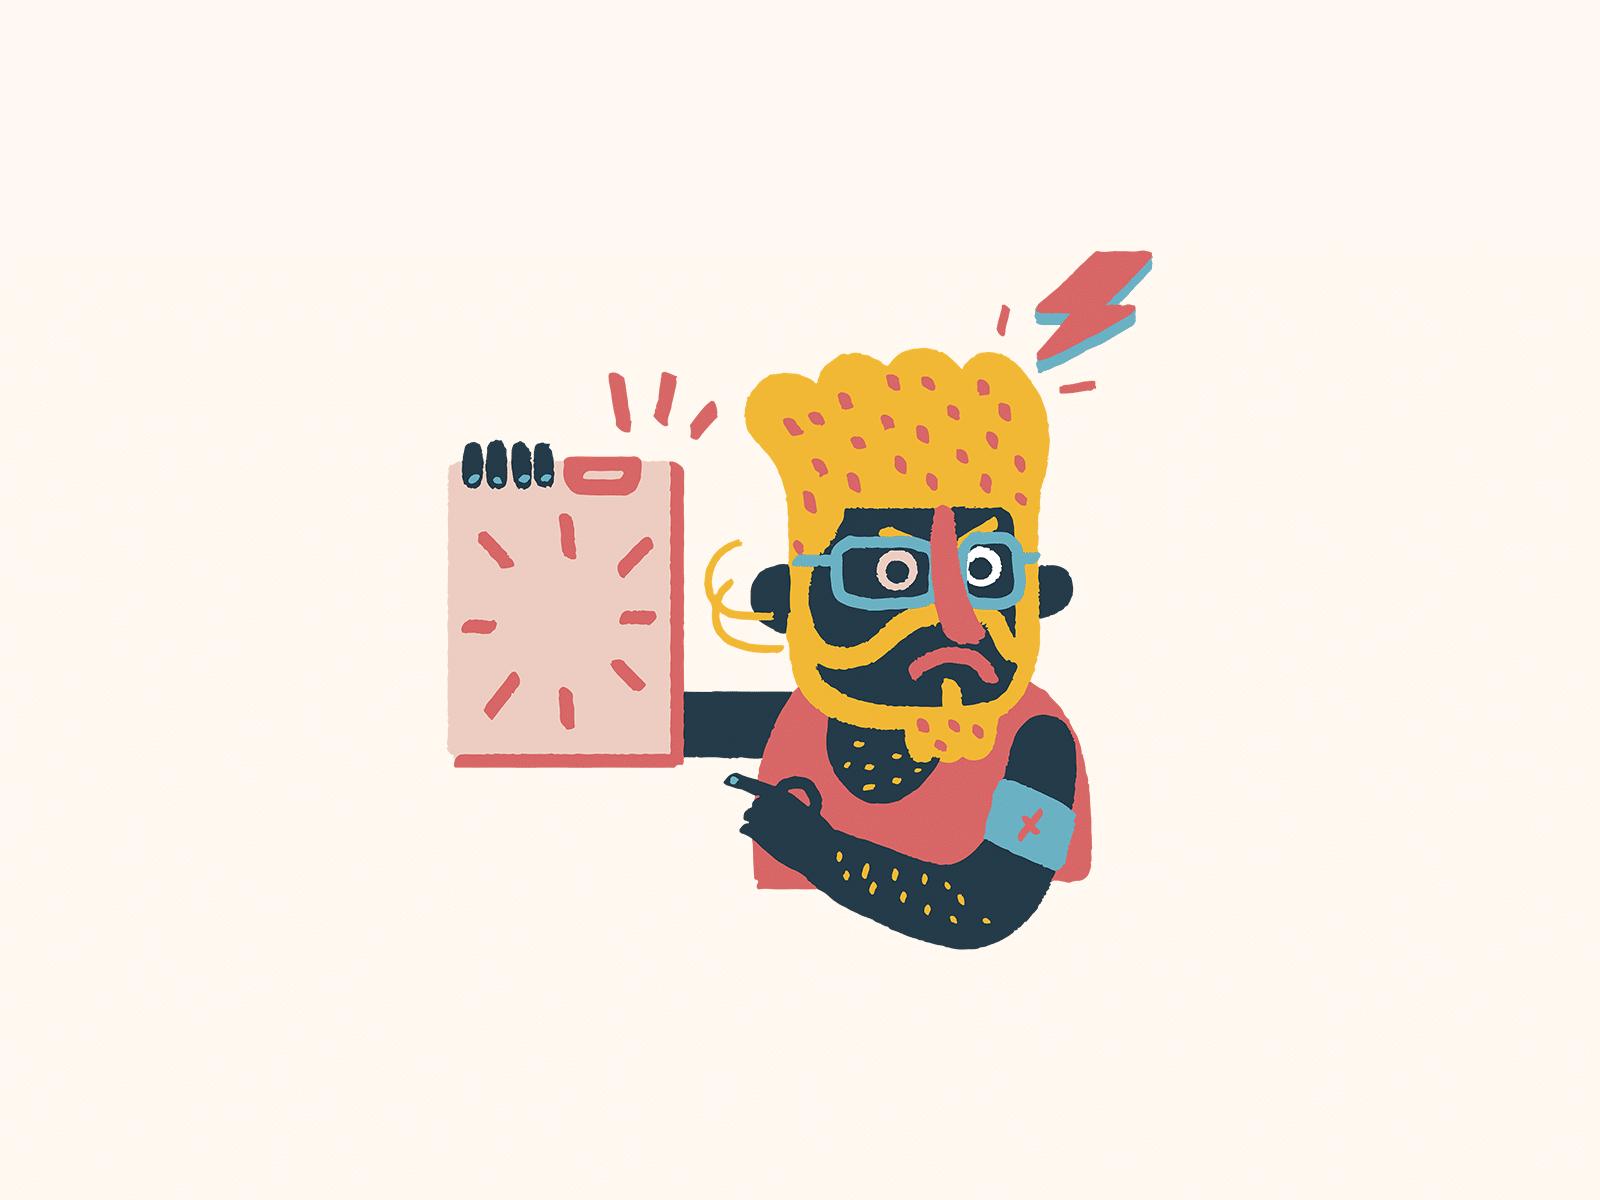 Regulamin dnia pracy - lepsza produktywność